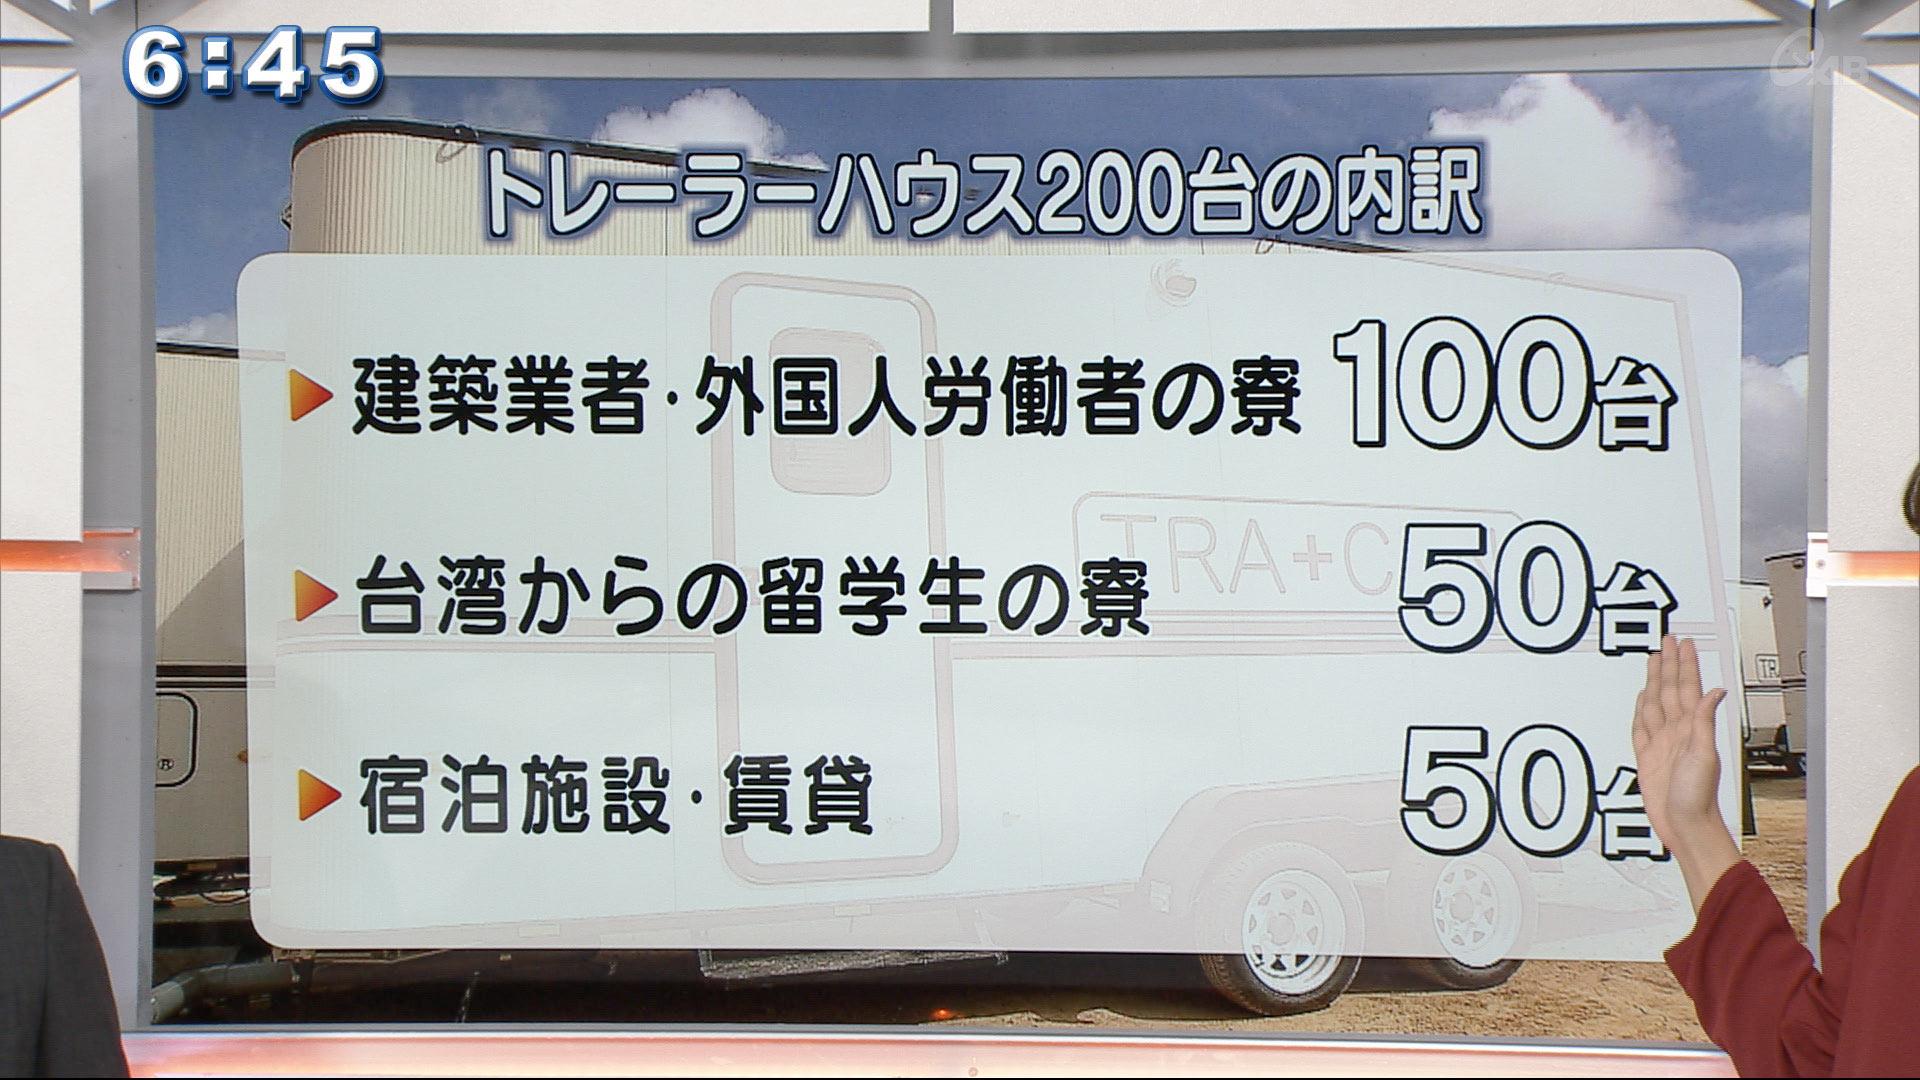 建築業者・外国人労働者の寮100台・台湾からの留学生の寮50台・宿泊施設や賃貸50台